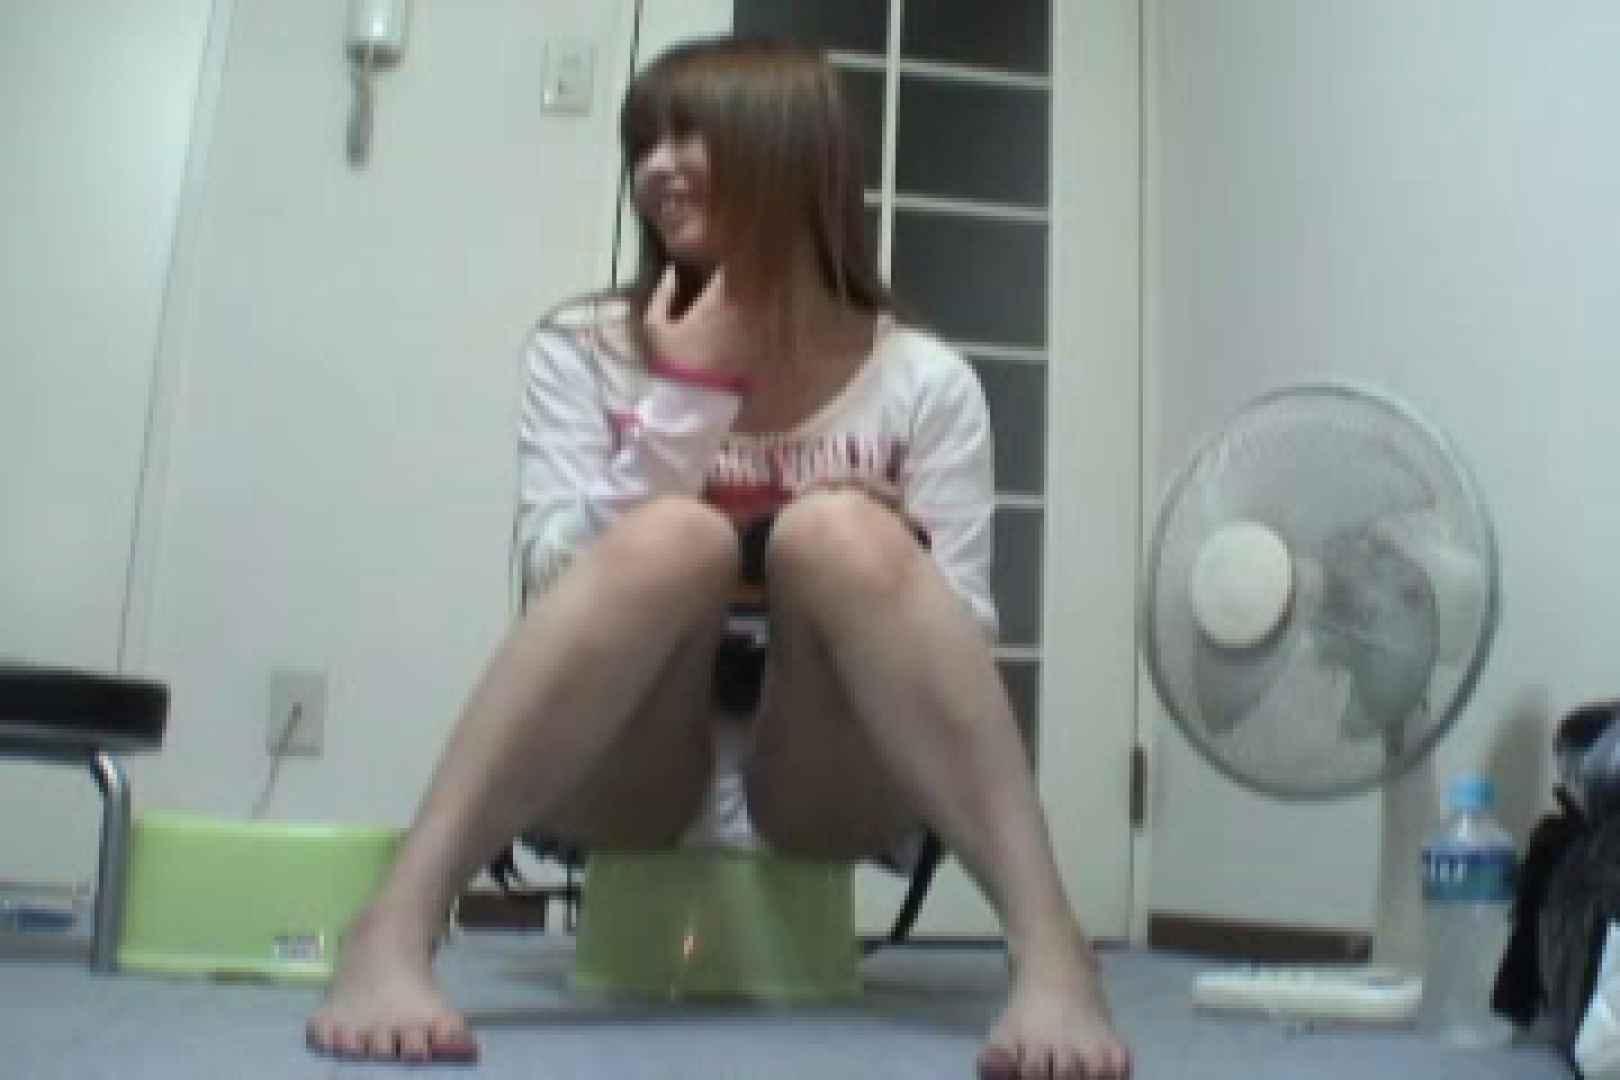 パンツ売りの女の子 ゆづきちゃんvol.1 一般投稿  110pic 18